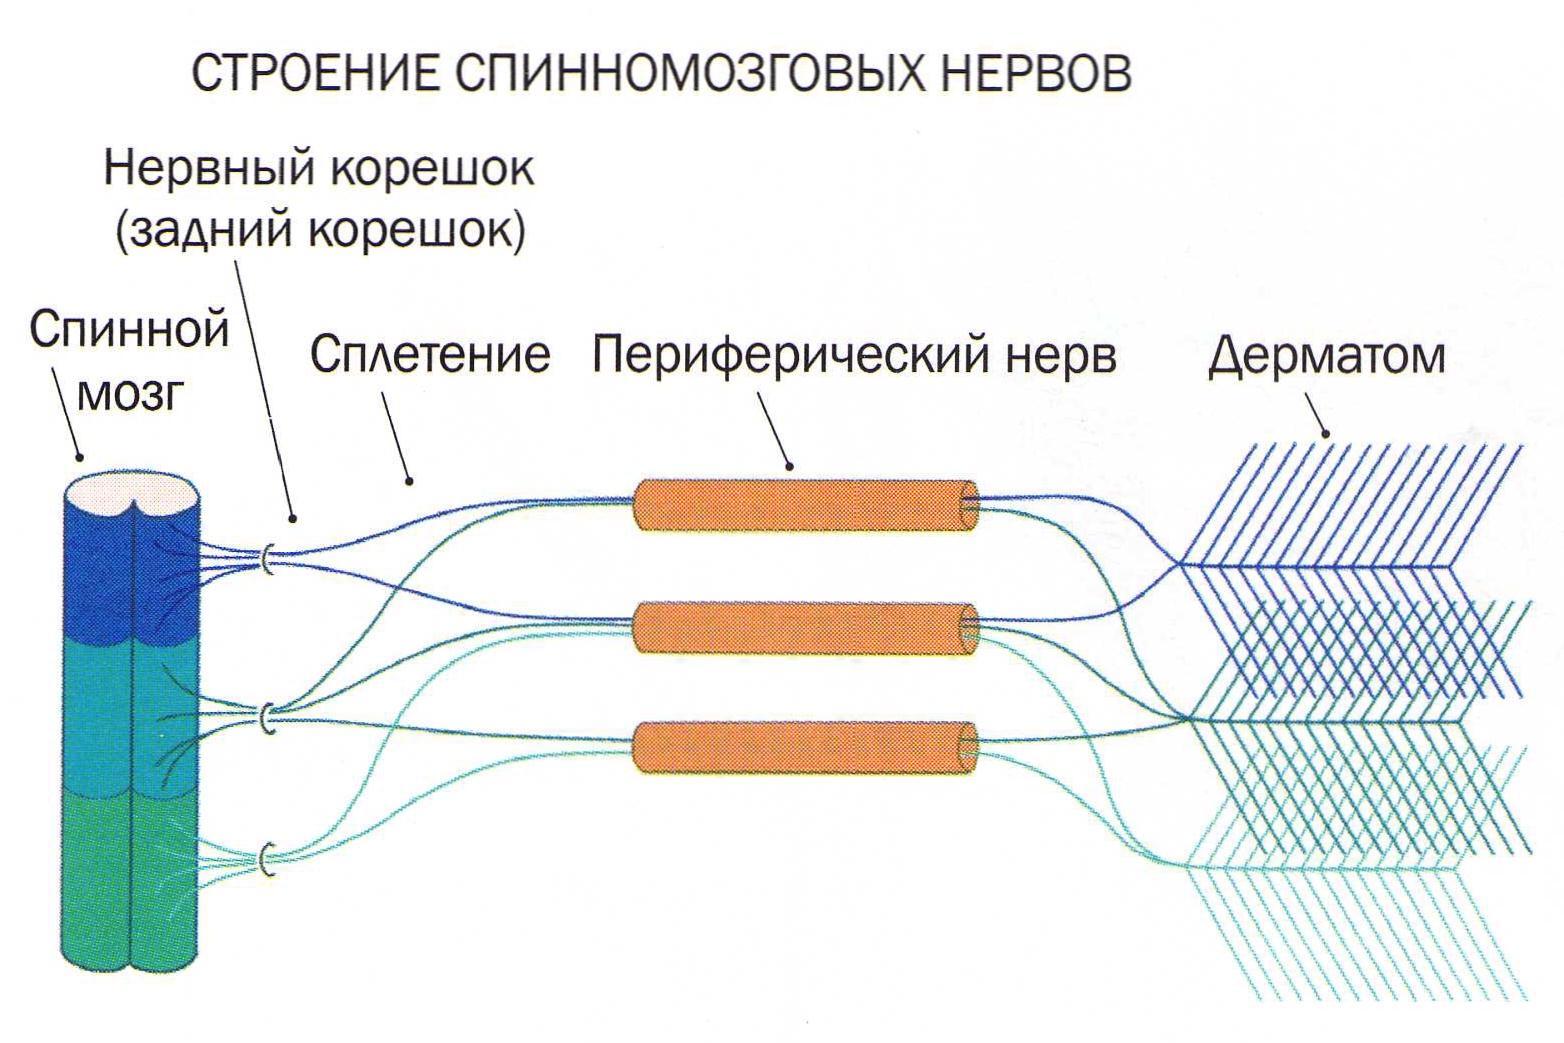 spinomozgovoy-nerv